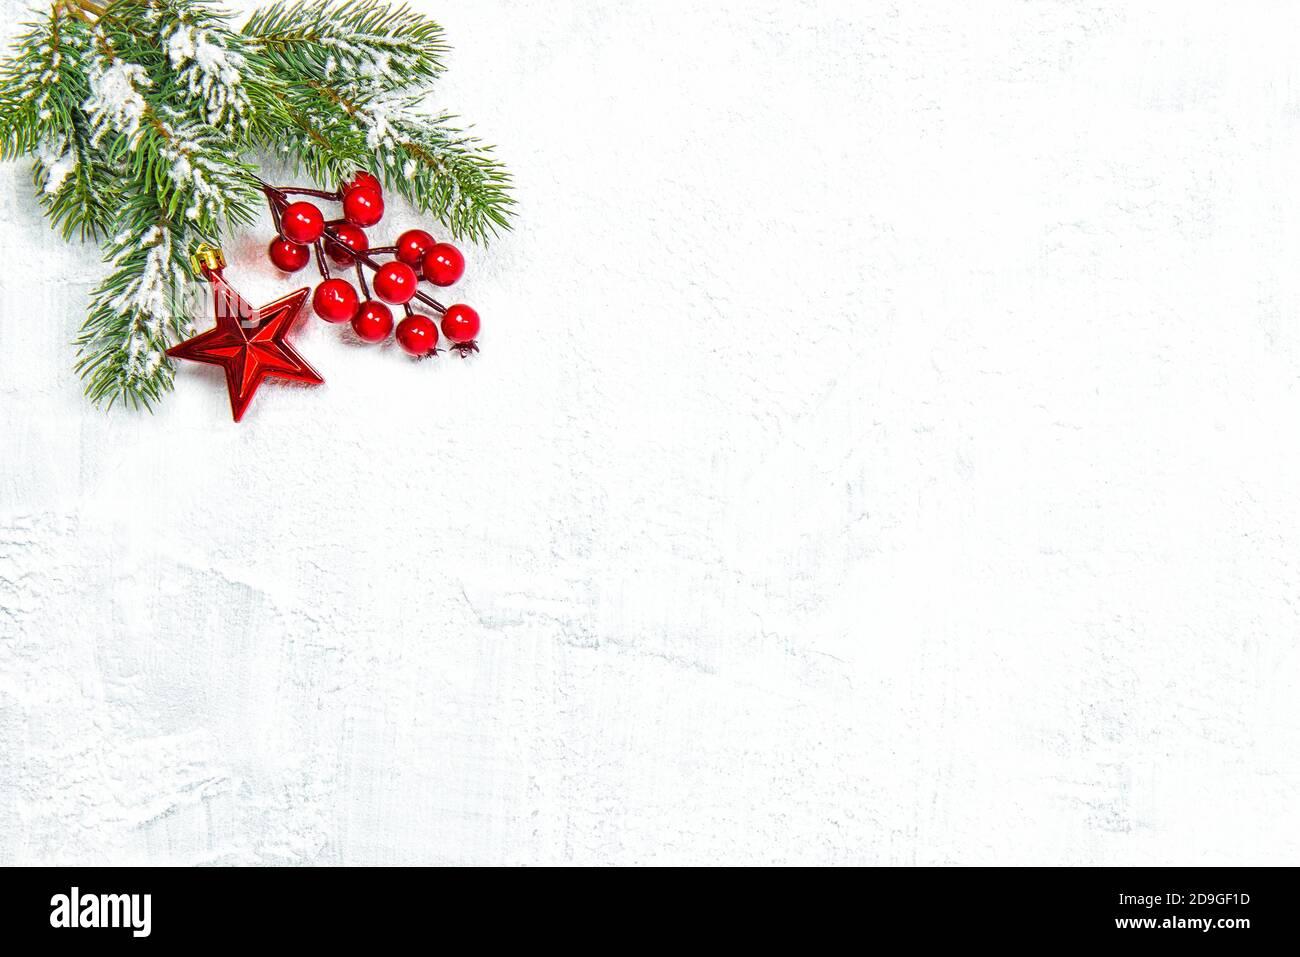 Décoration de Noël et branches de pin sur fond clair Banque D'Images